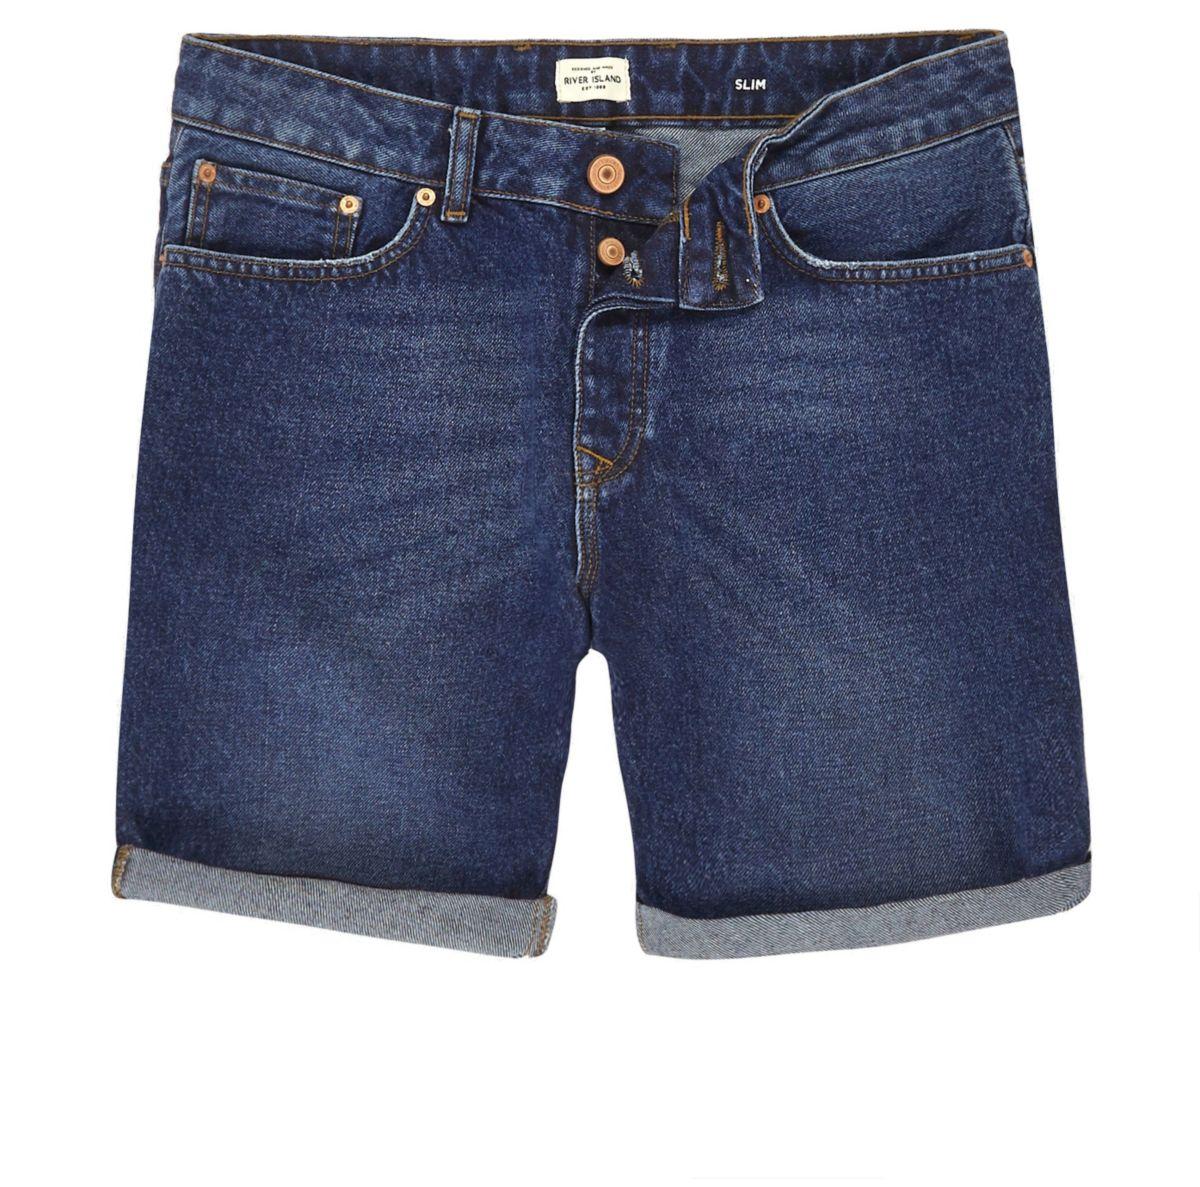 Schmale Jeansshorts in dunkelblauer Waschung